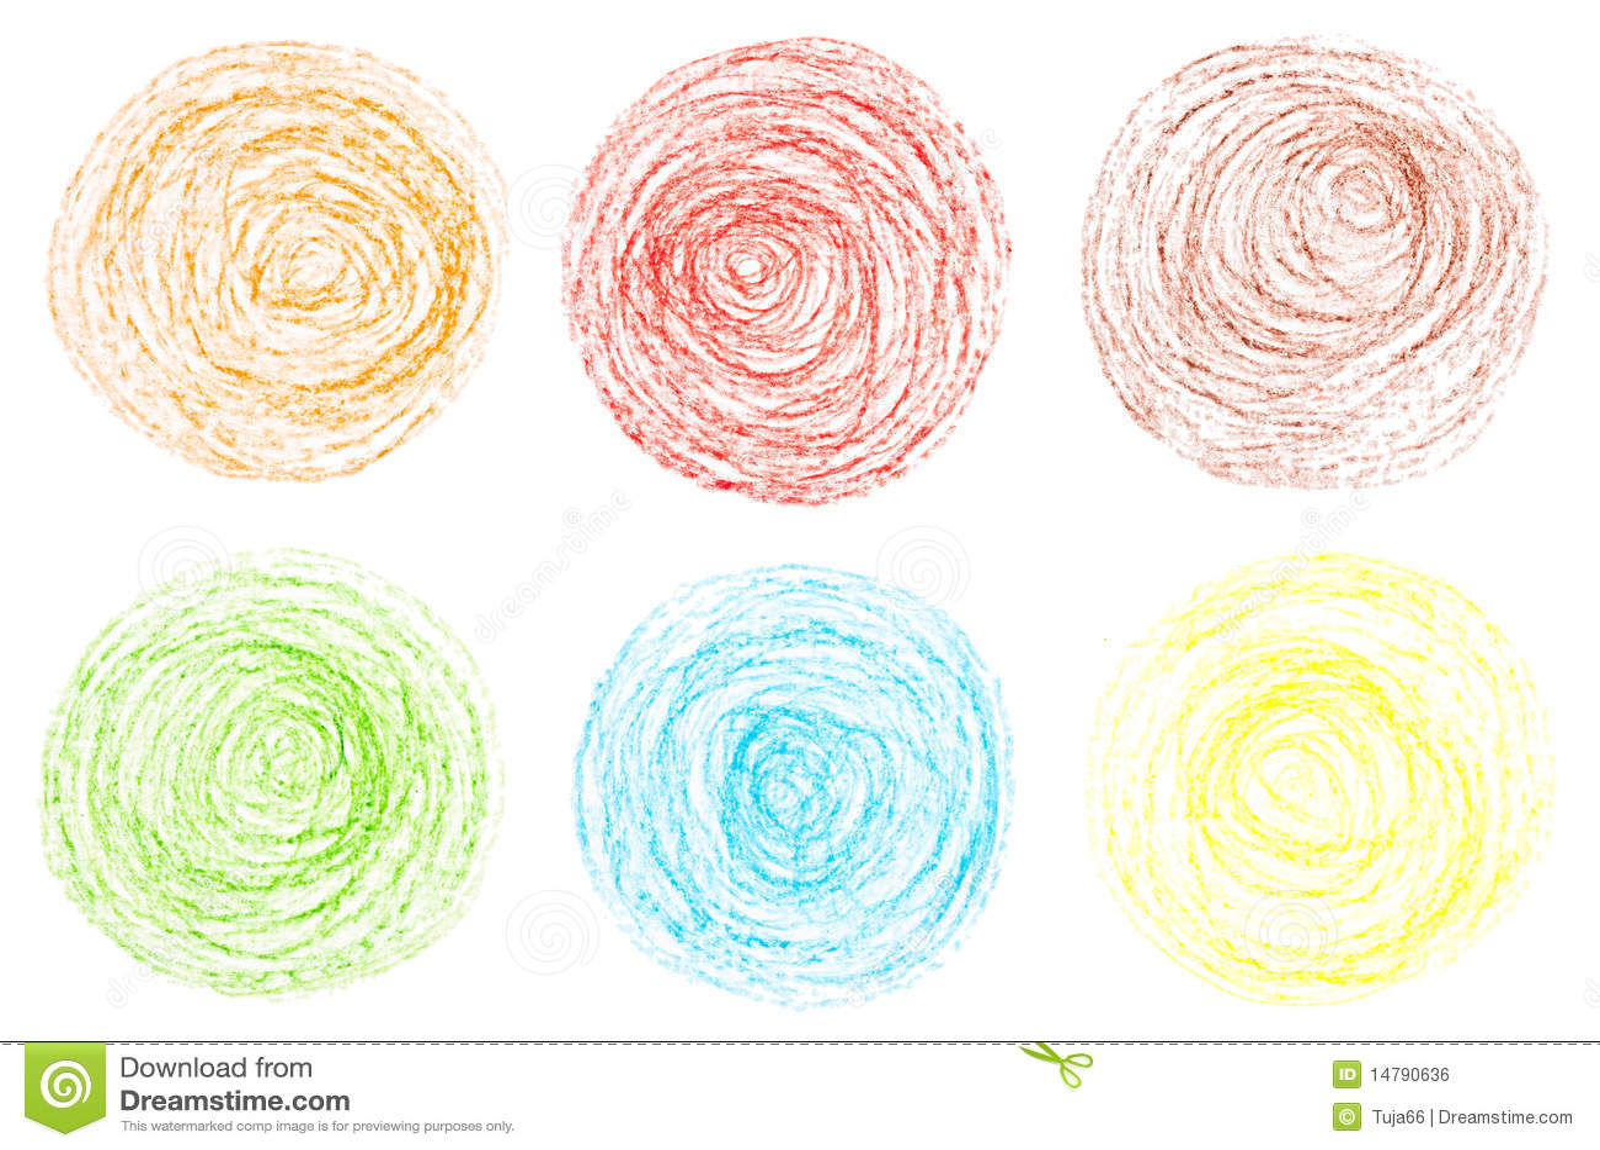 Crayon Colored Circle : Crayon circles royalty free stock image